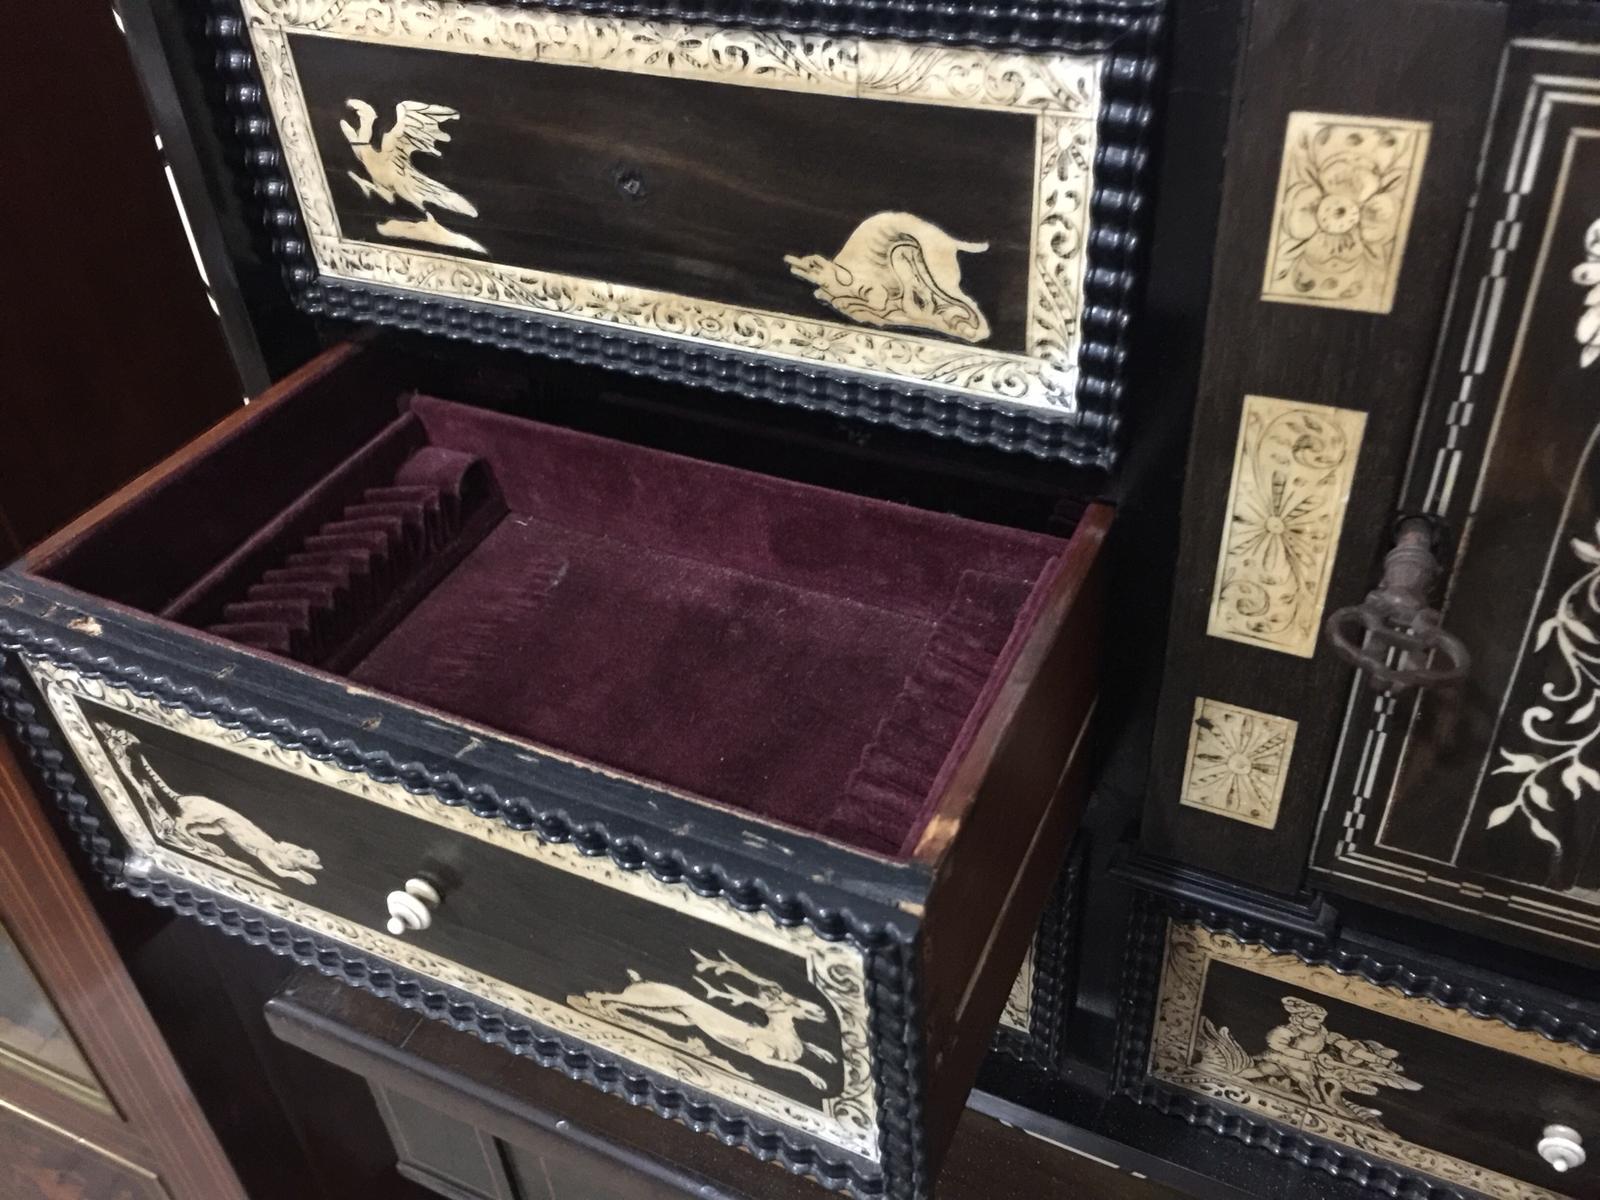 thumb9|Monetiere in ebano violetto e palissandro con intarsi in avorio